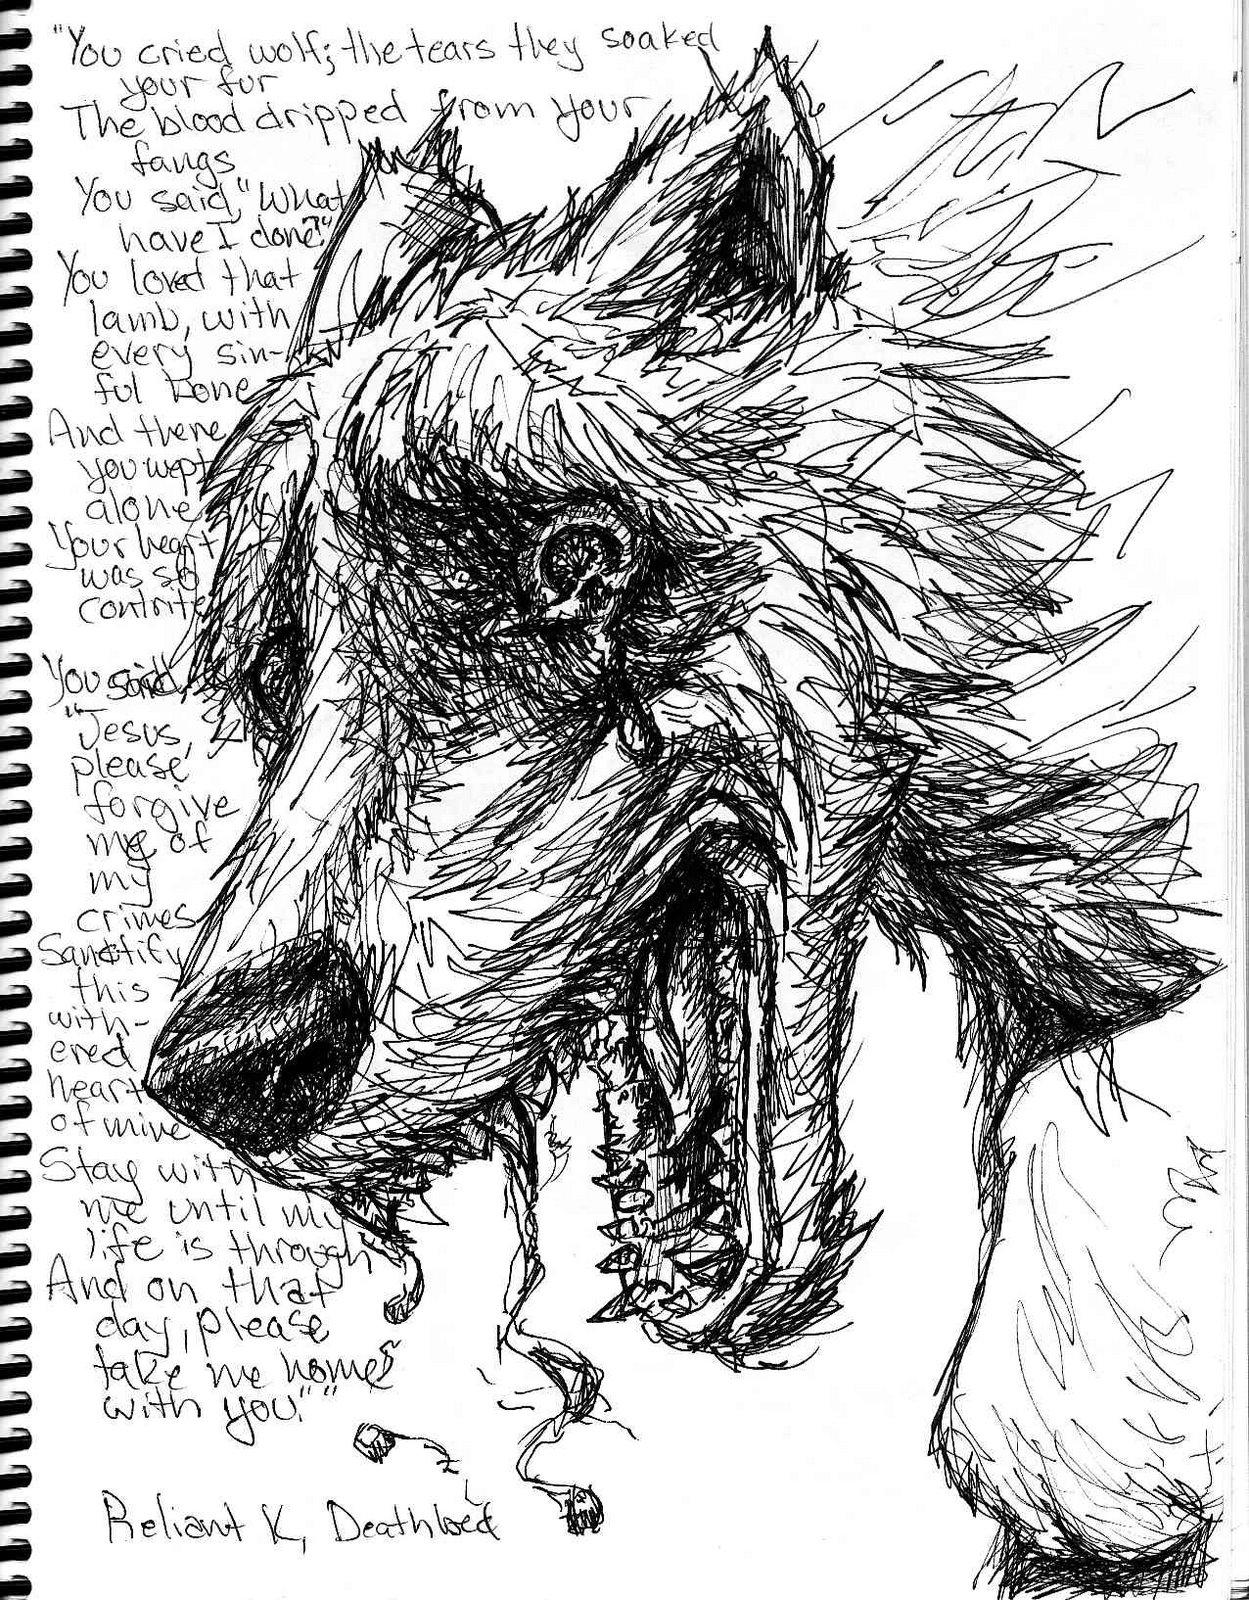 [wolf]